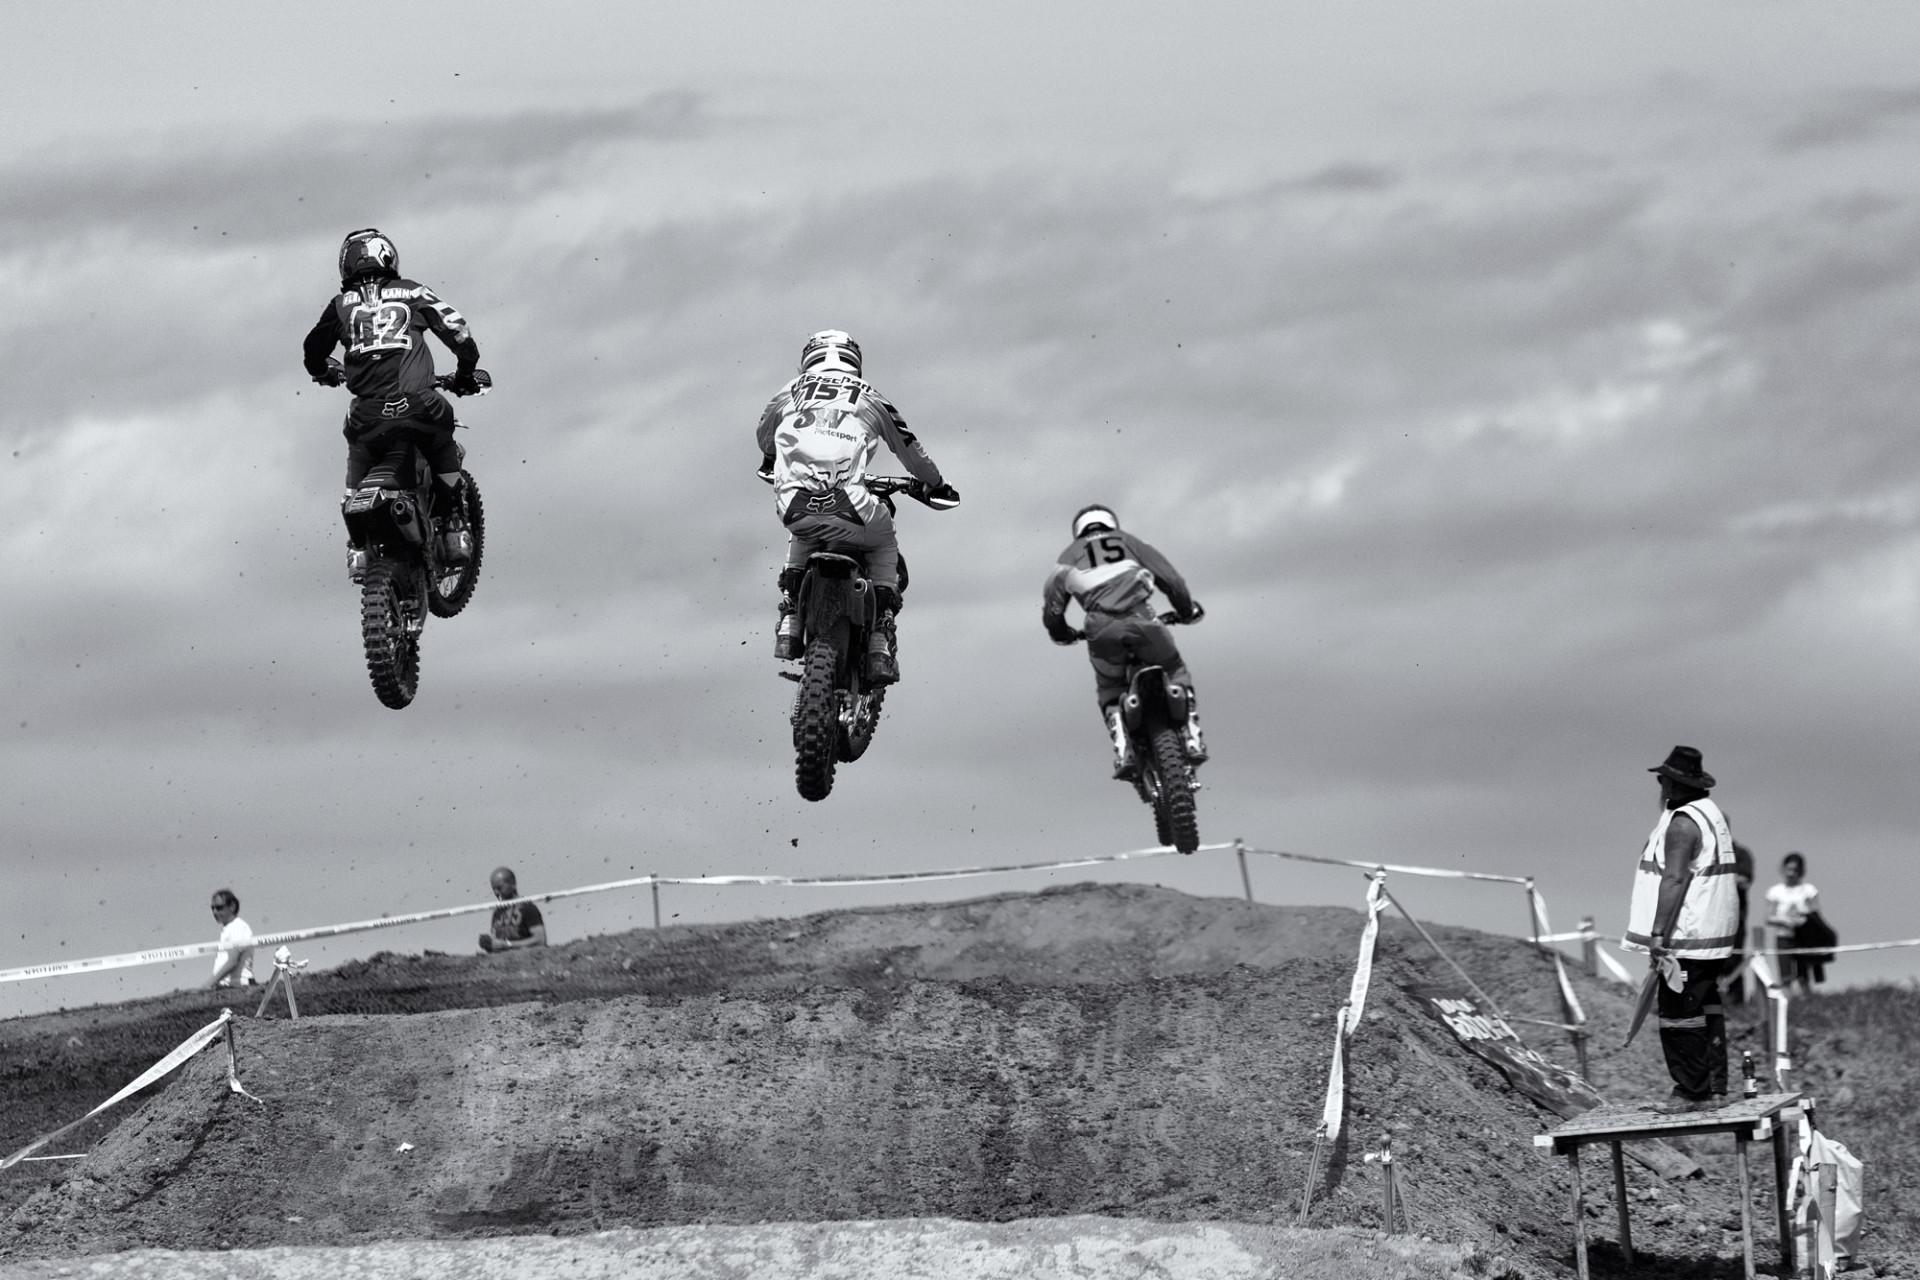 Motocross-Schlatt_20150426_1226-web